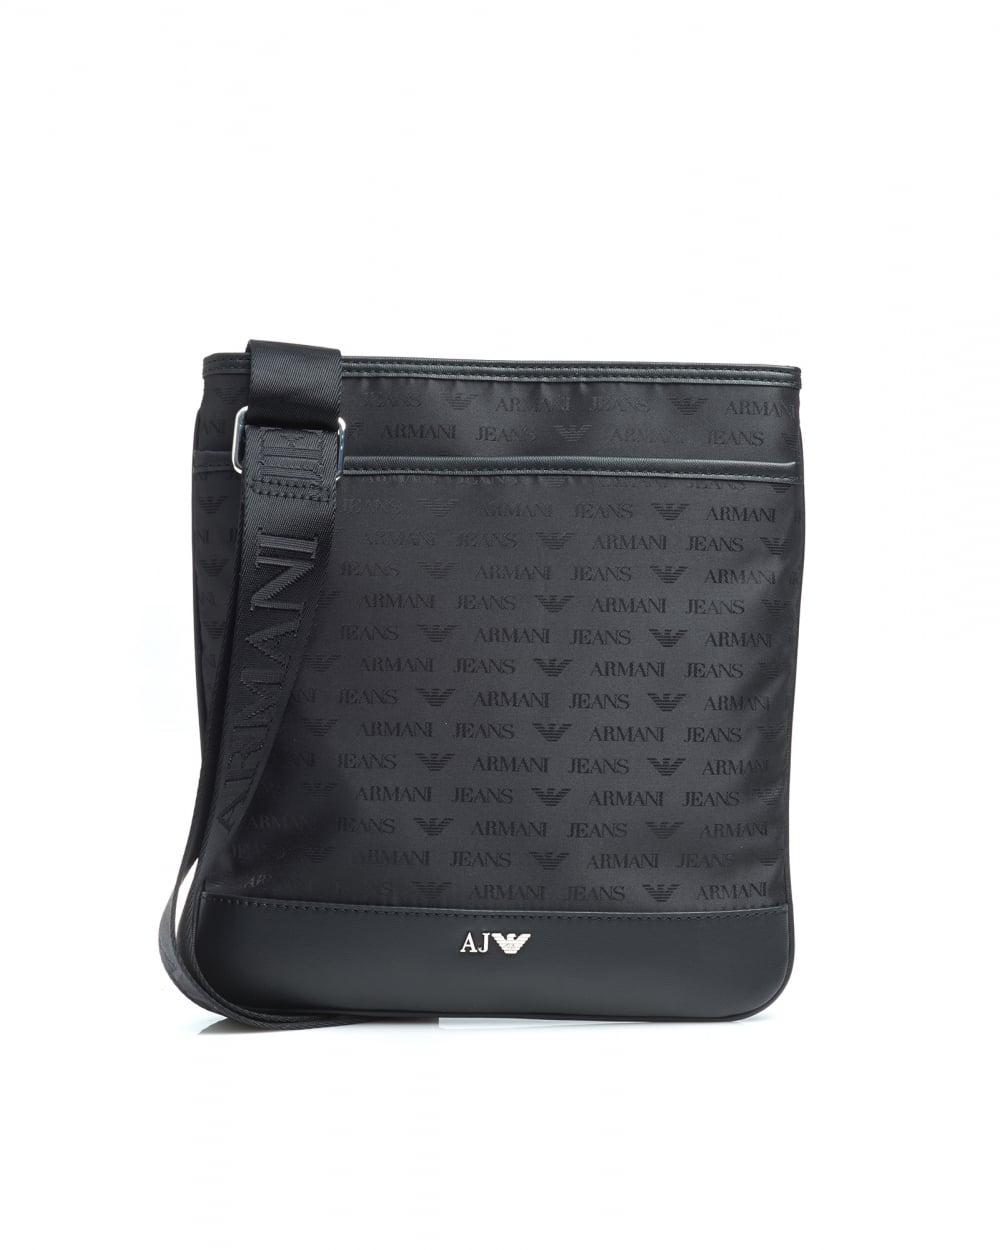 baf3735e598c Armani Jeans Mens Black Medium All Over Logo Stash Shoulder Bag